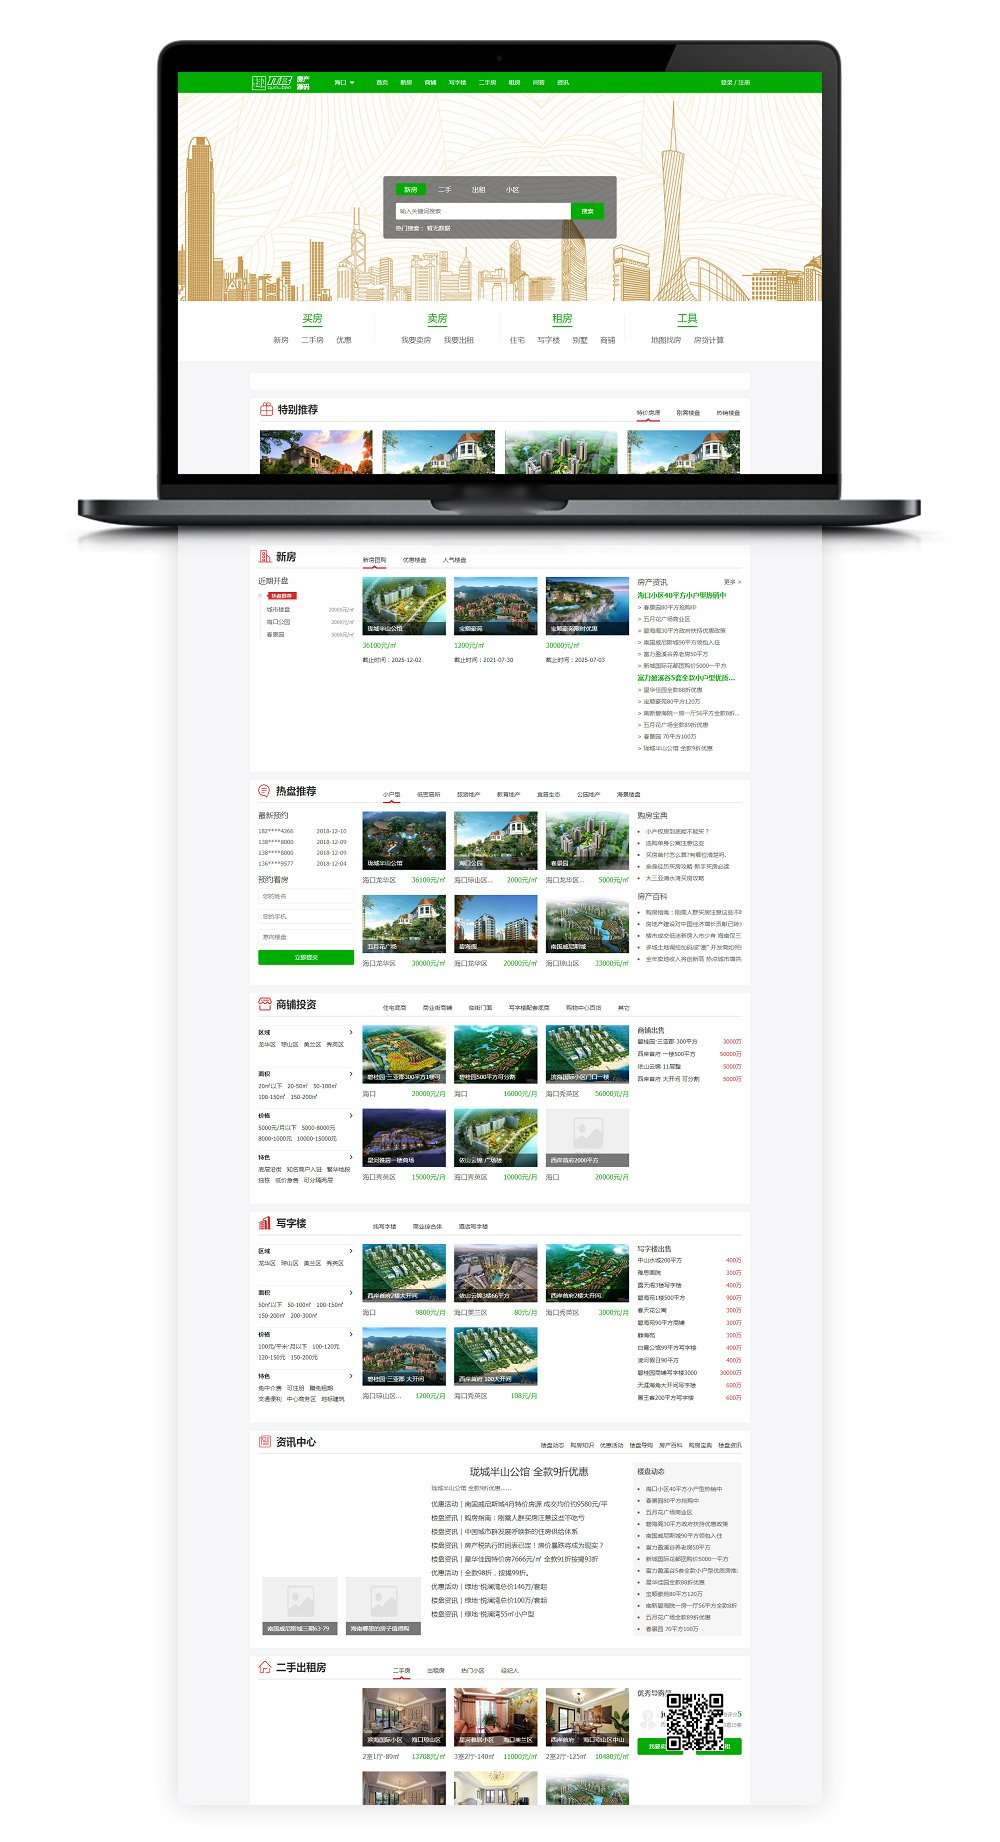 开源TPfang房产程序源码TP多城市版房产系统带手机版模板 第1张